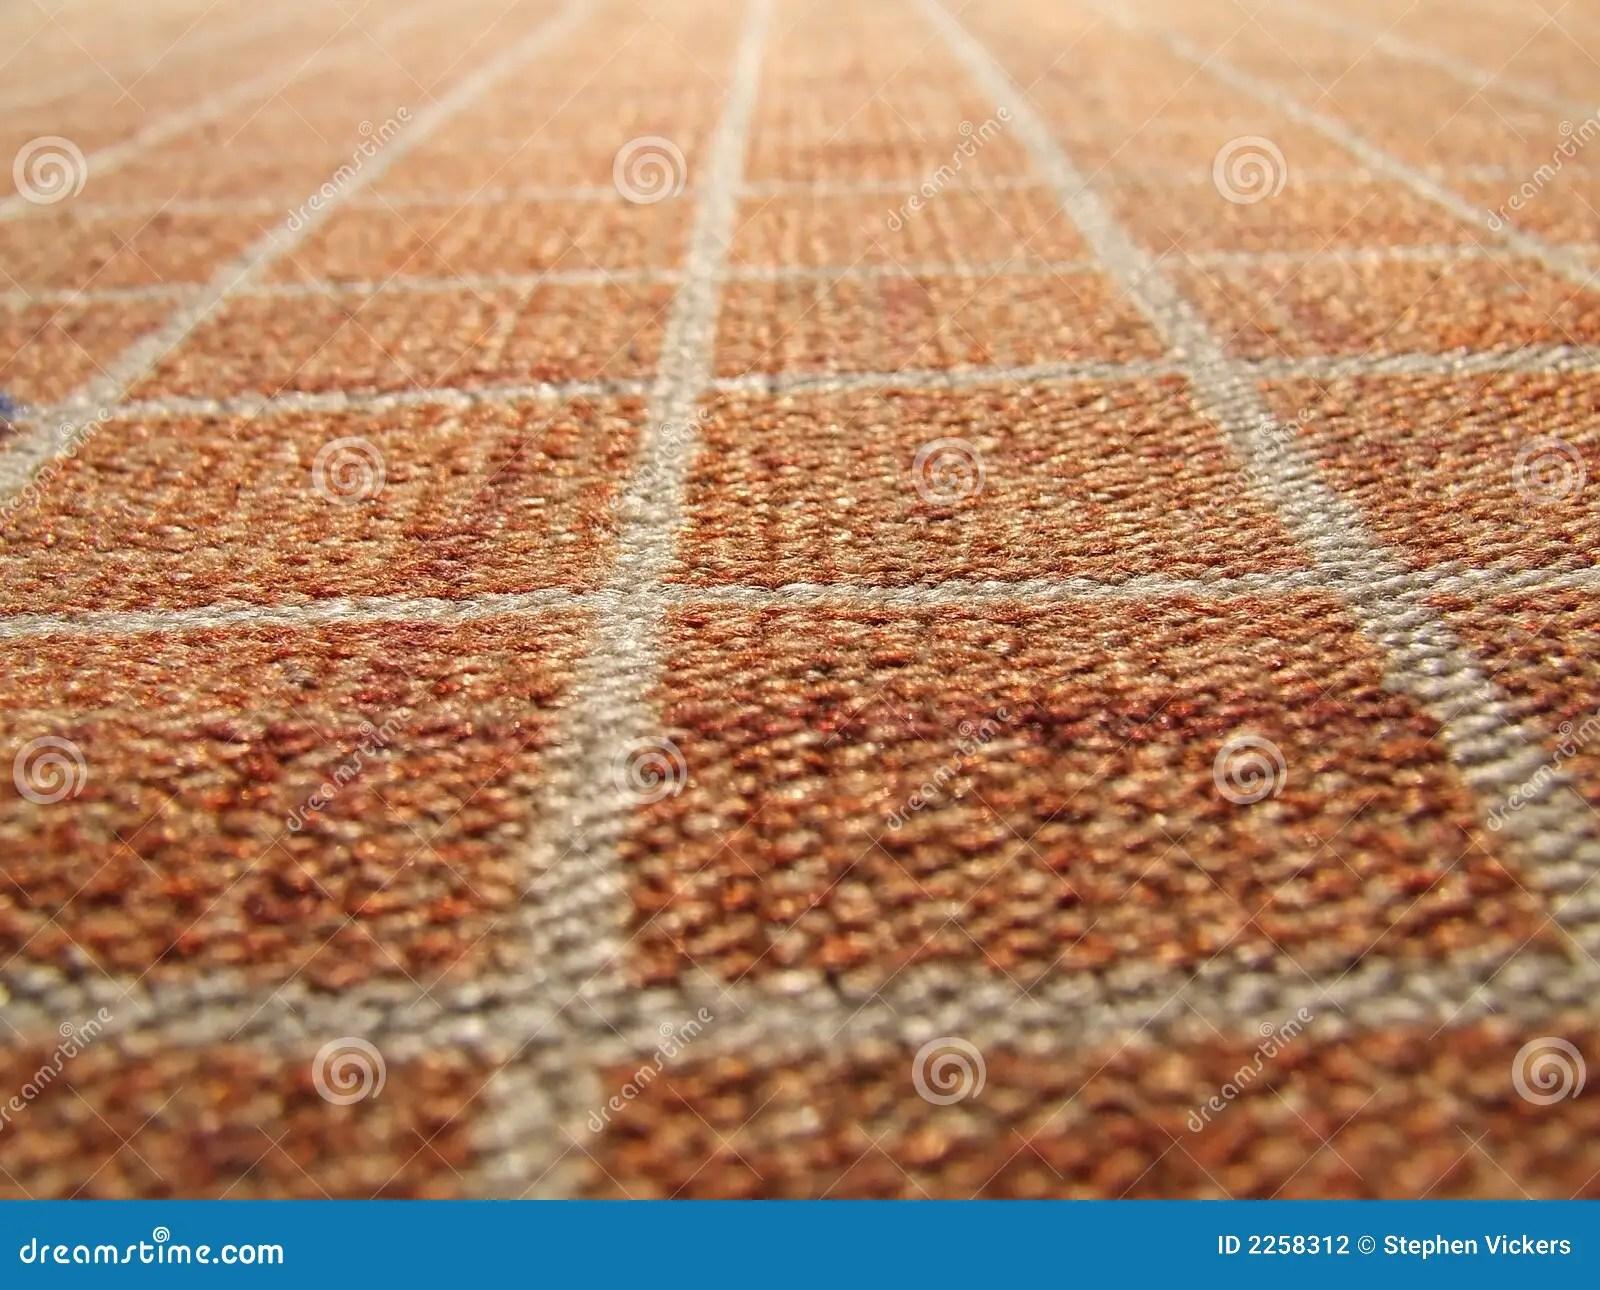 orange kitchen rug lowes cabinets in stock 地毯交叉库存照片 图片包括有地毯 browne 详细资料 交叉 纹理 关闭 地毯克服厨房老模式样式纹理